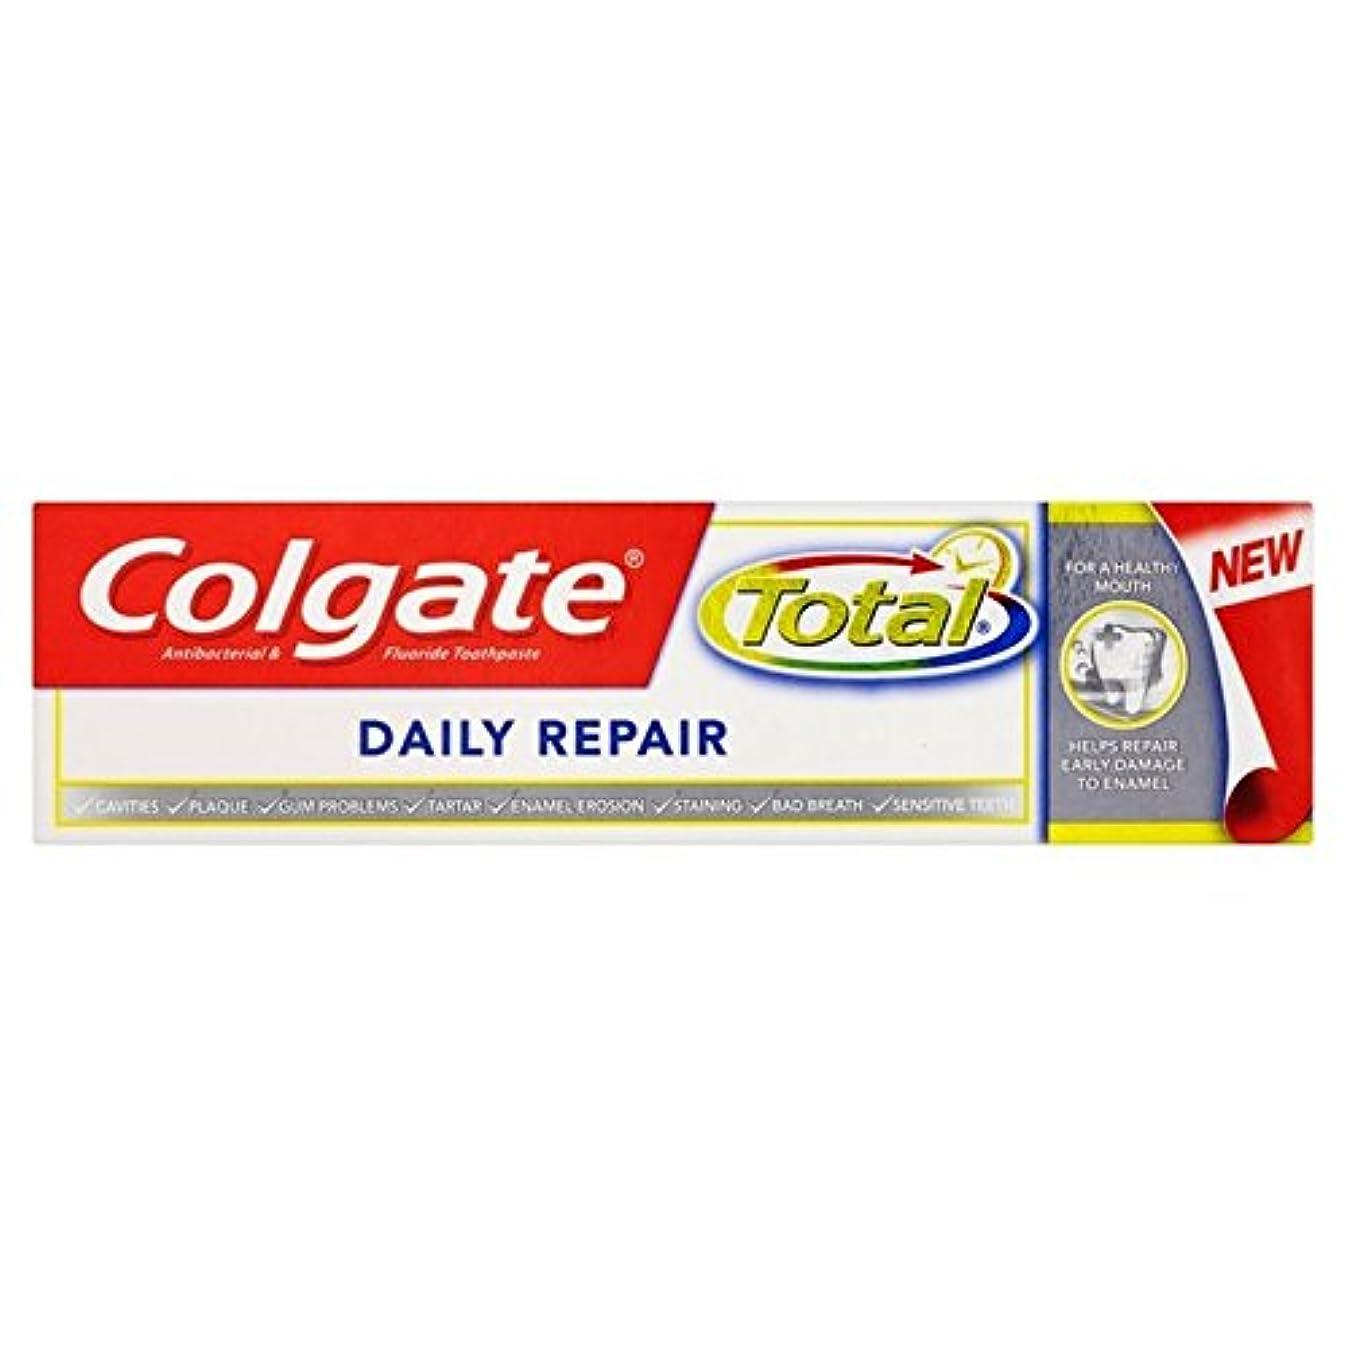 達成上に不振コルゲートトータル毎日修理歯磨き粉75ミリリットル x2 - Colgate Total Daily Repair Toothpaste 75ml (Pack of 2) [並行輸入品]